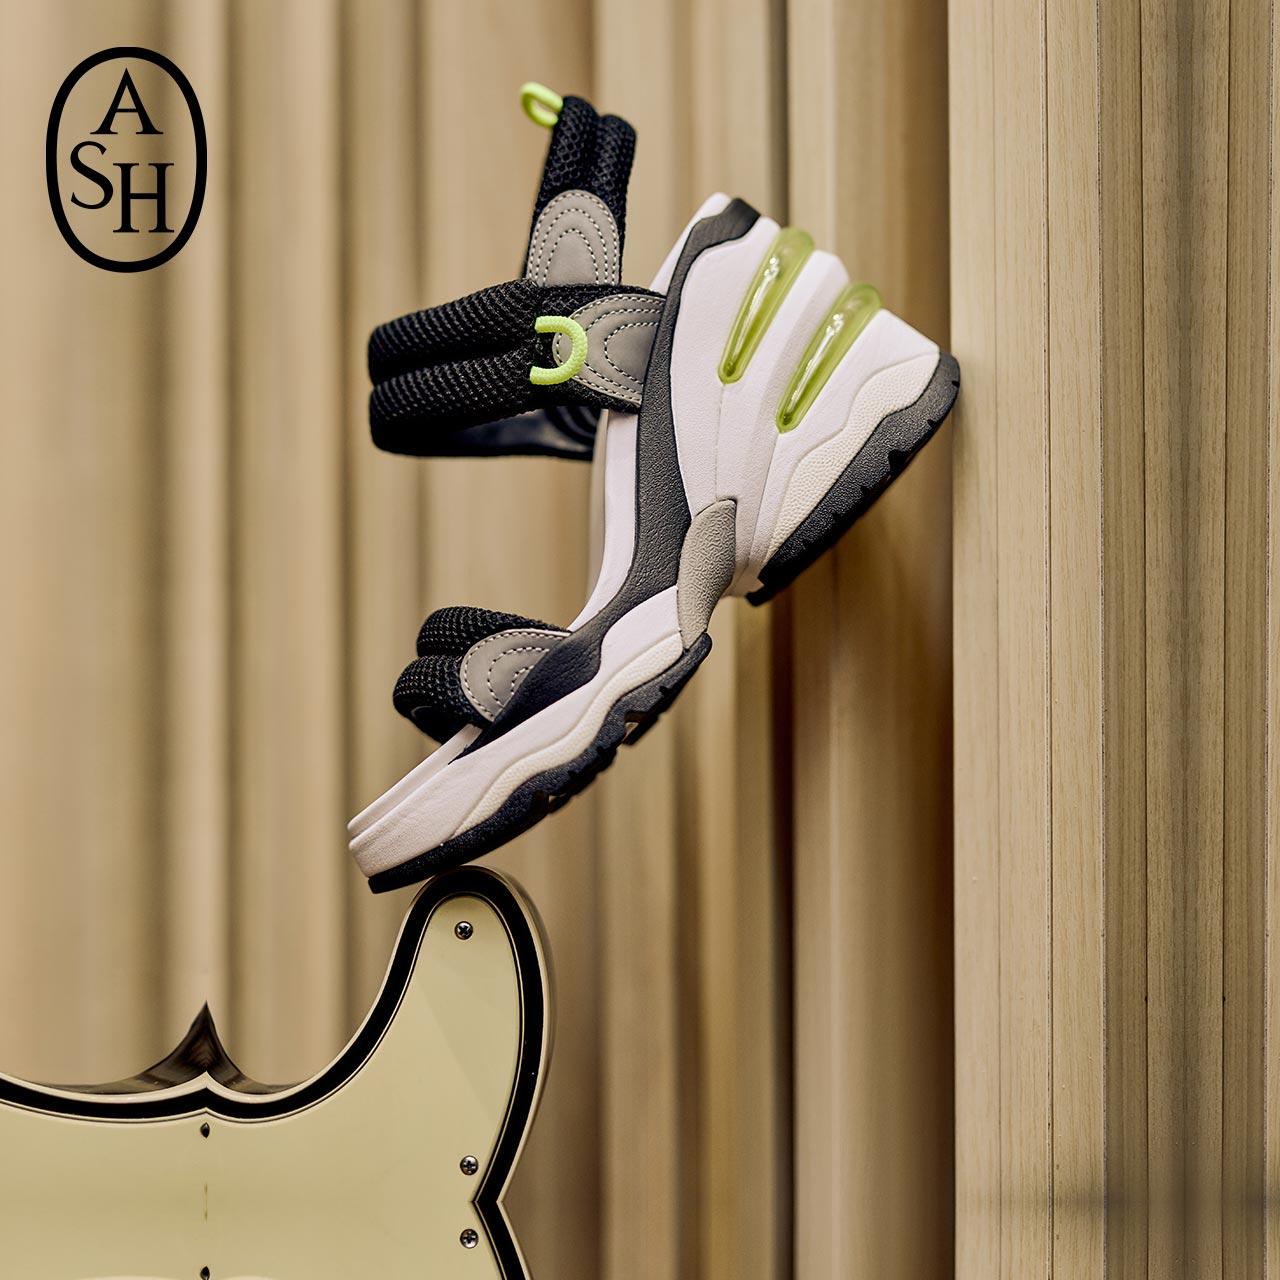 ASH女鞋2020夏季新款COSMOS系列网面撞色魔术贴双气垫增高凉鞋女